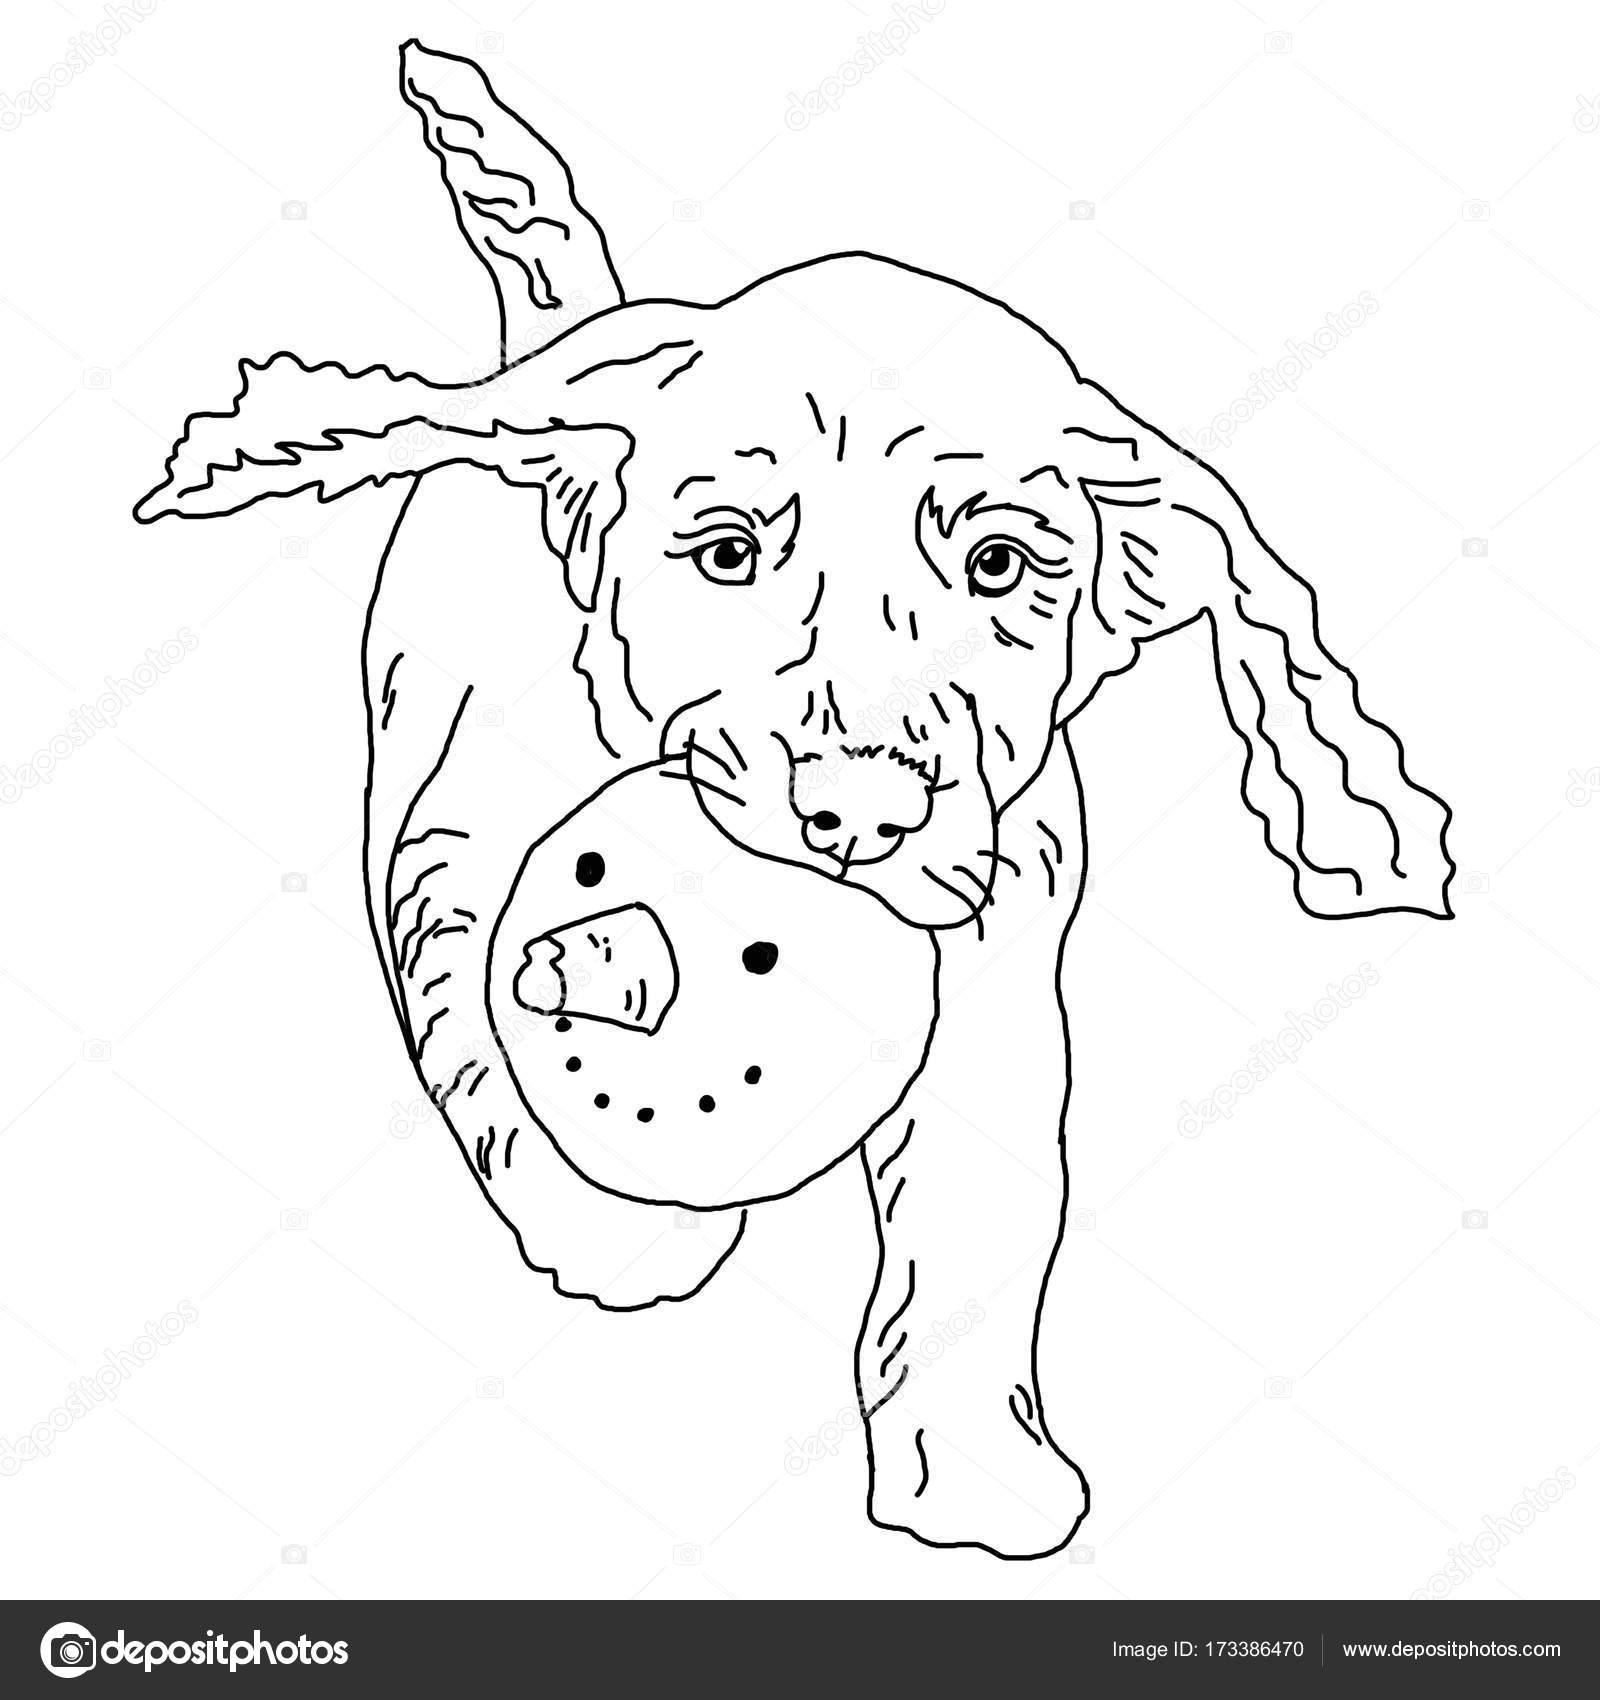 Hund Färbung, schwarz und weiß, die Zeichnung, der Hund trägt einen ...